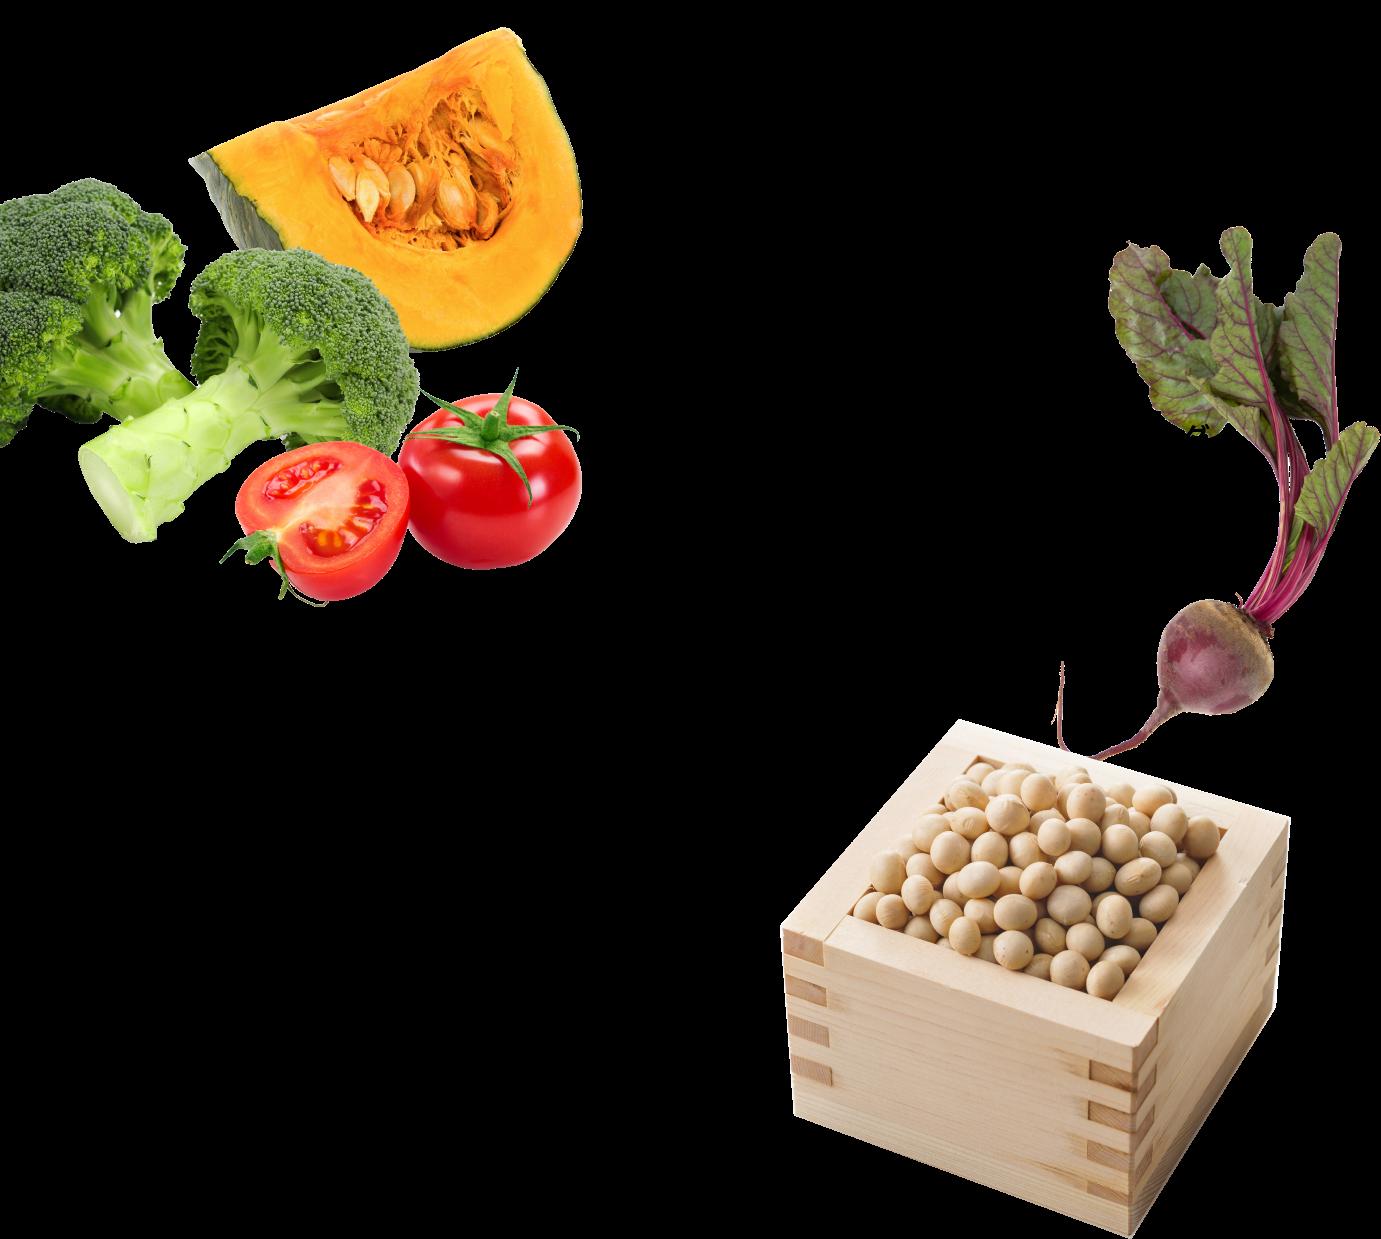 厳選野菜を配合!お通じにも配慮!国産の食物繊維                 良質なたんぱく質をバランスよく配合